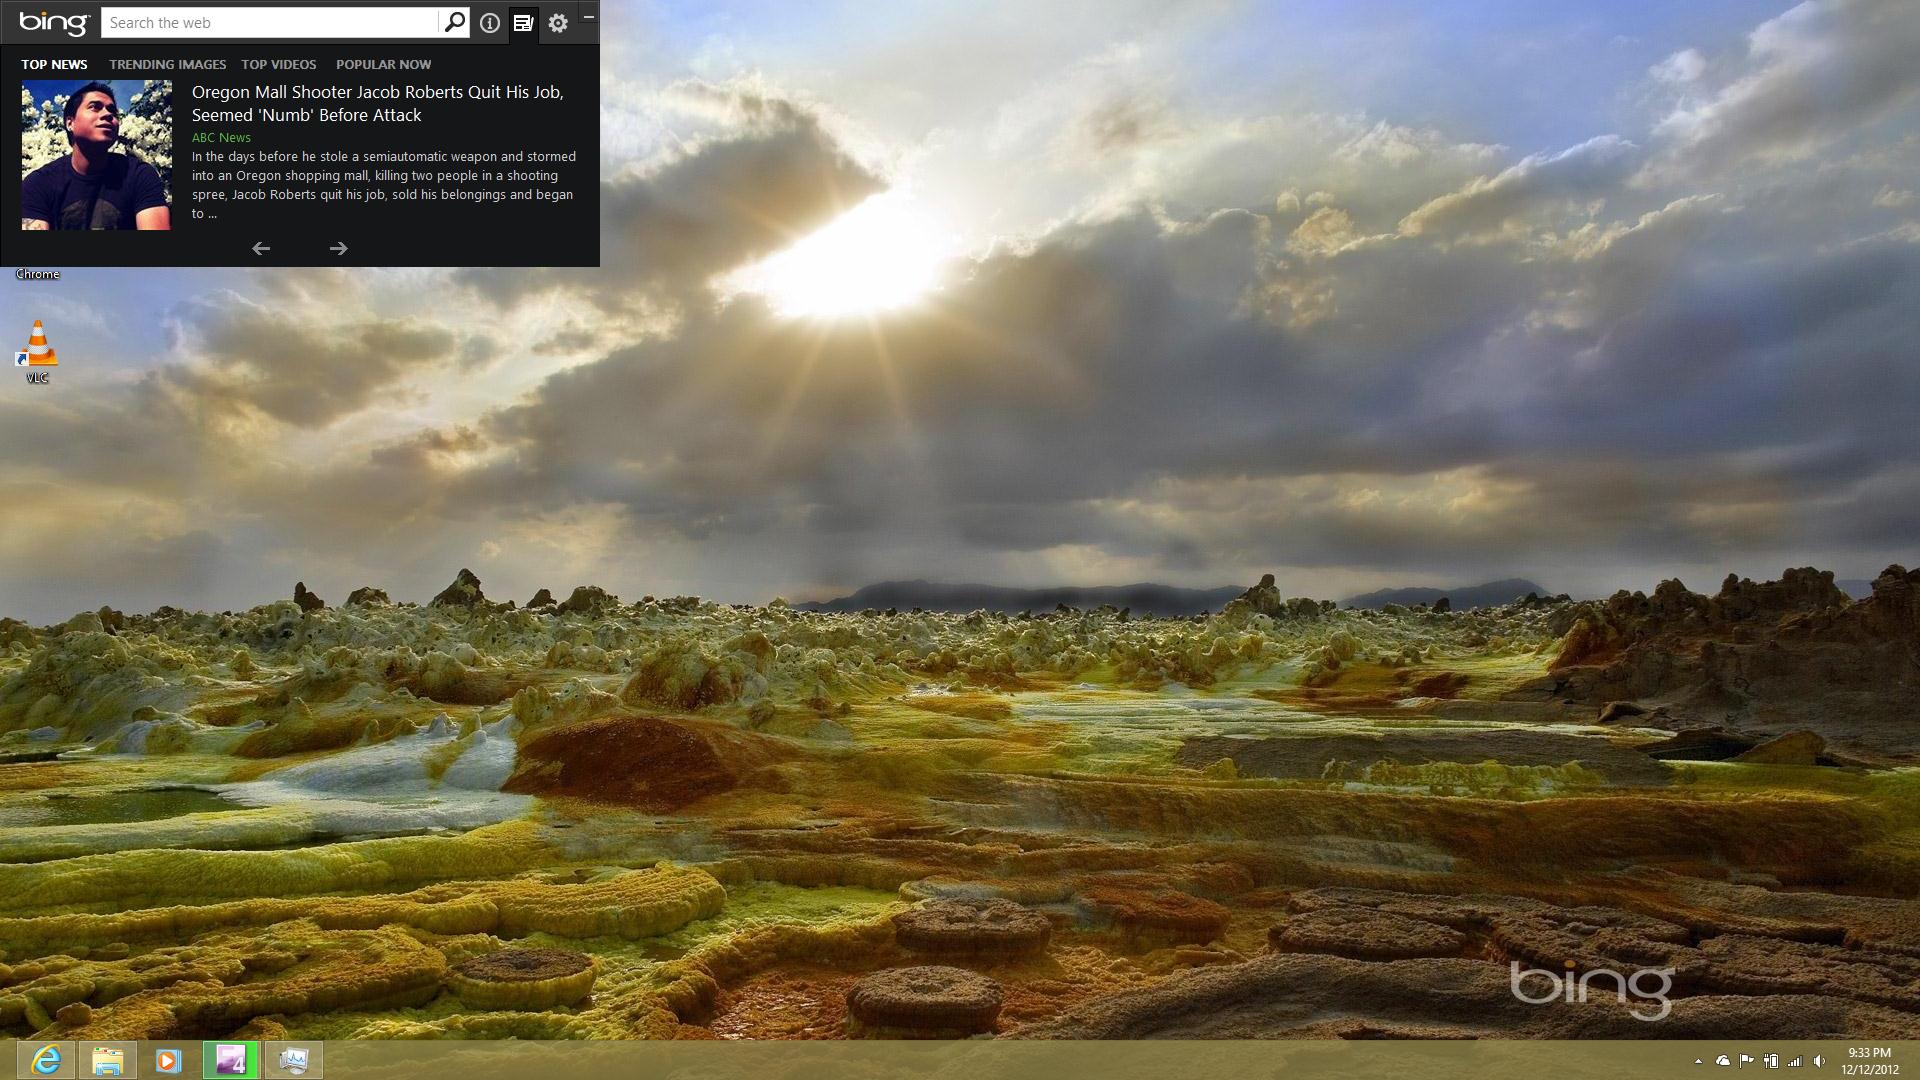 Optional Windows 8 Update Released: Bing Desktop